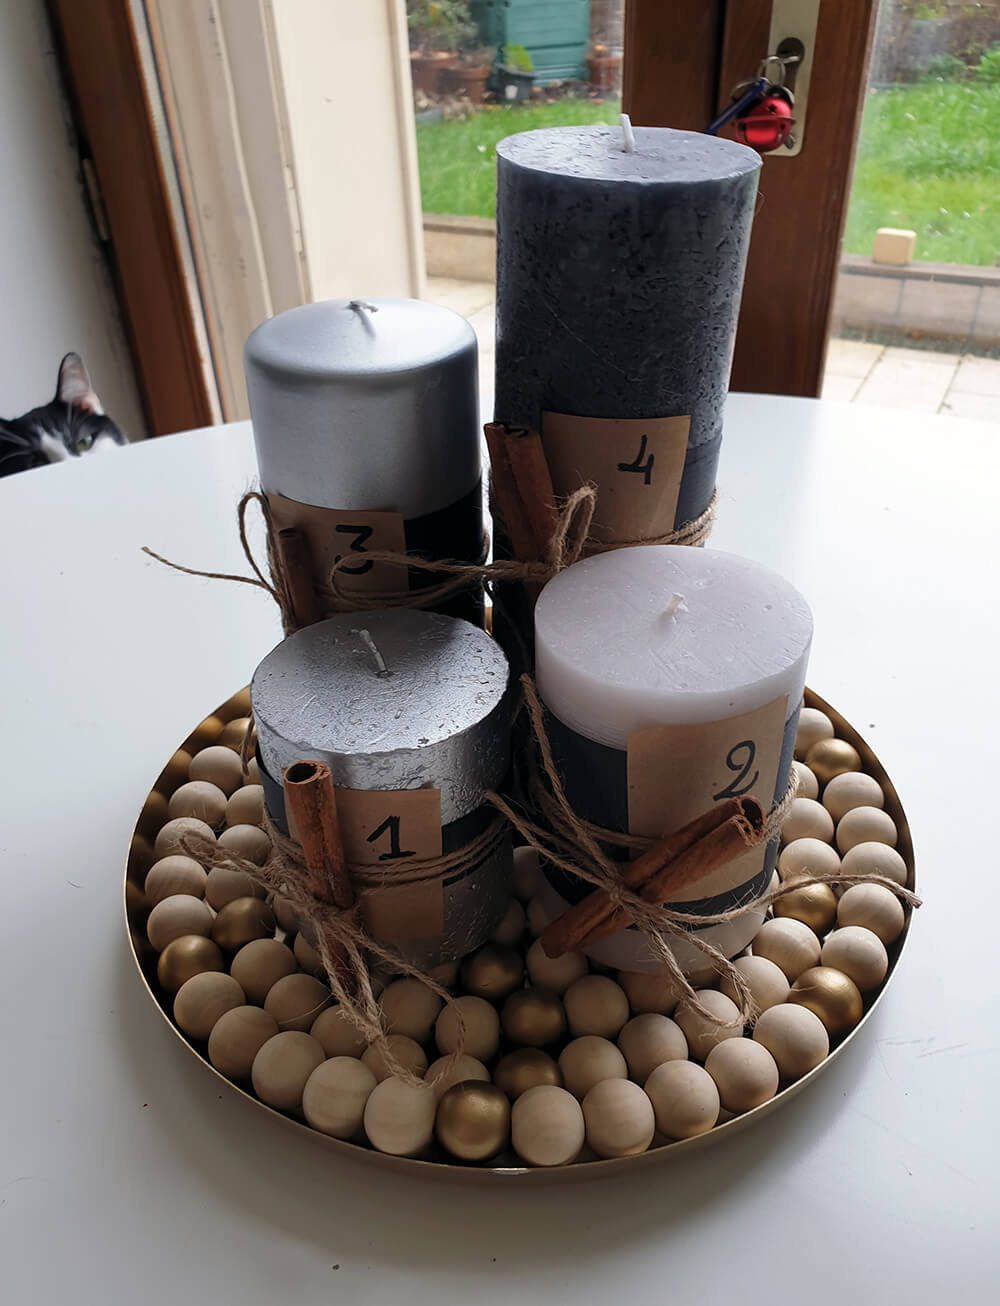 couronne de lavent fabriquée à la main avec bougie noire et grise - Fabriquer une couronne de l'Avent zéro déchet